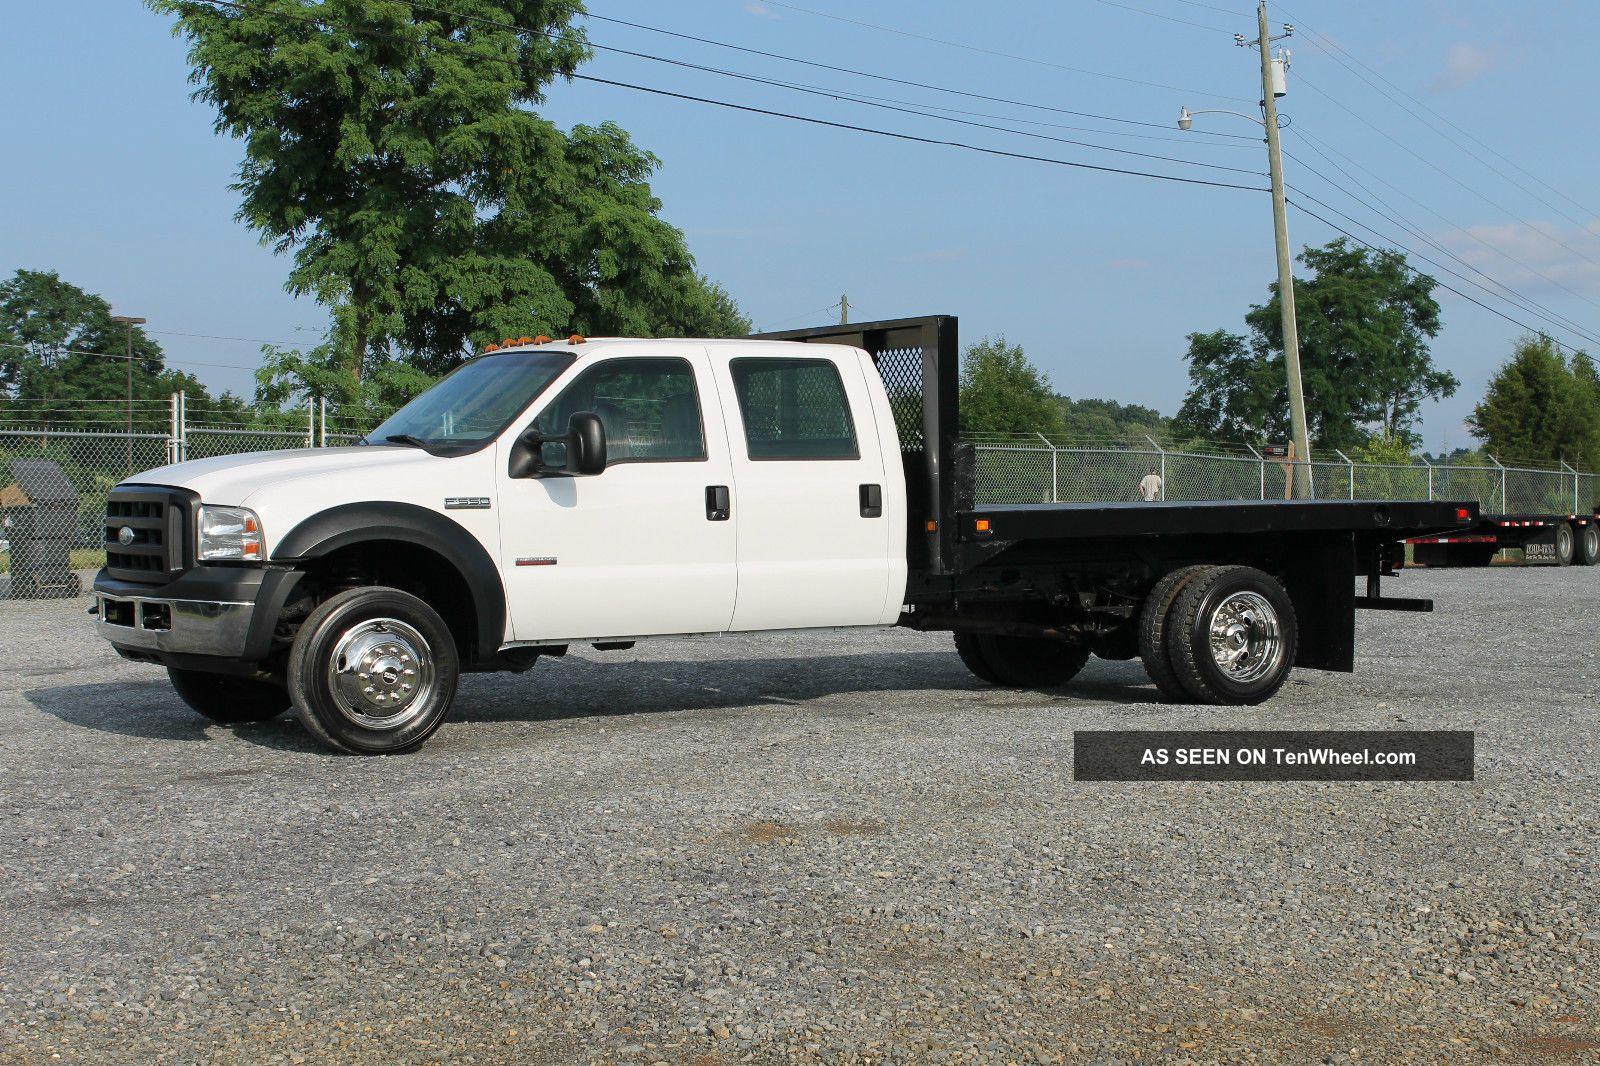 2007 Ford F550 Xl Crew Cab Flatbed Dually Truck 6. 0l Diesel